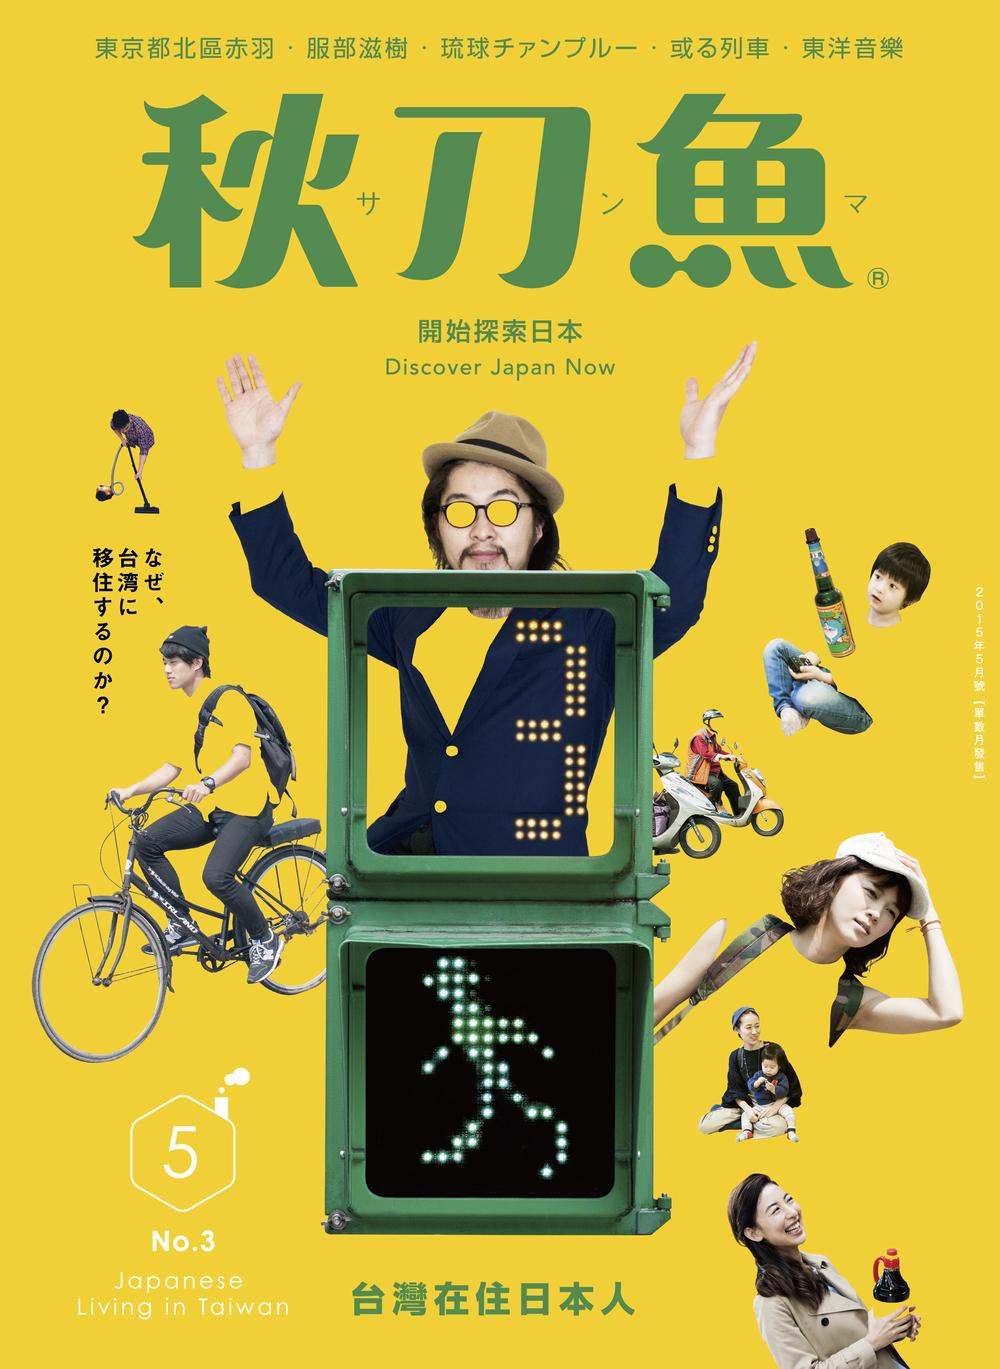 2015年5月號第3期  〈臺灣在住日本人〉